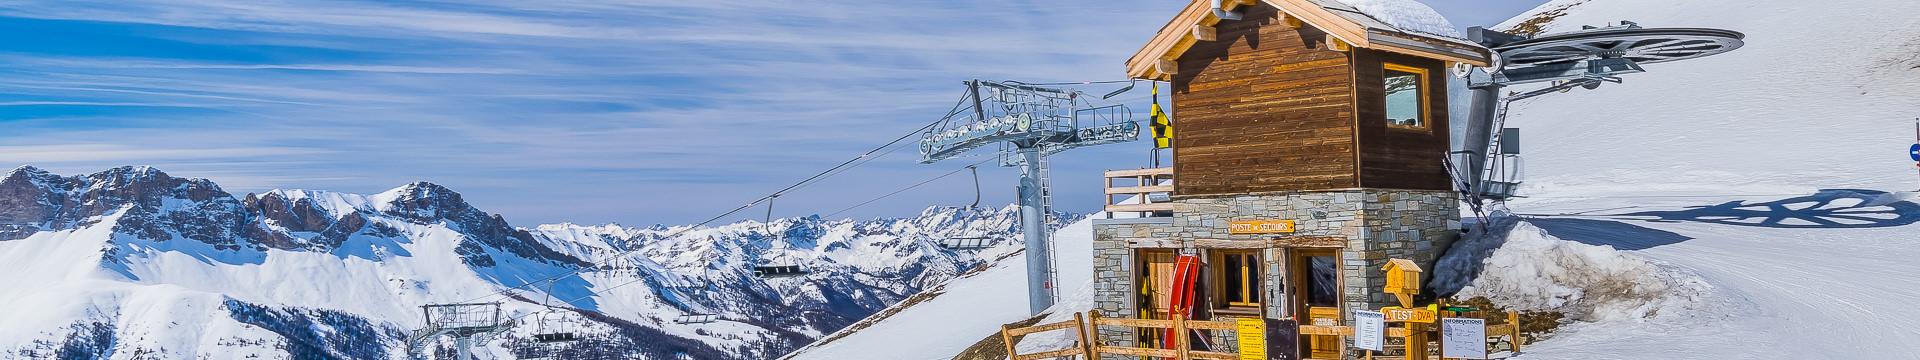 Les stations de ski alpin du Queyras Guillestrois